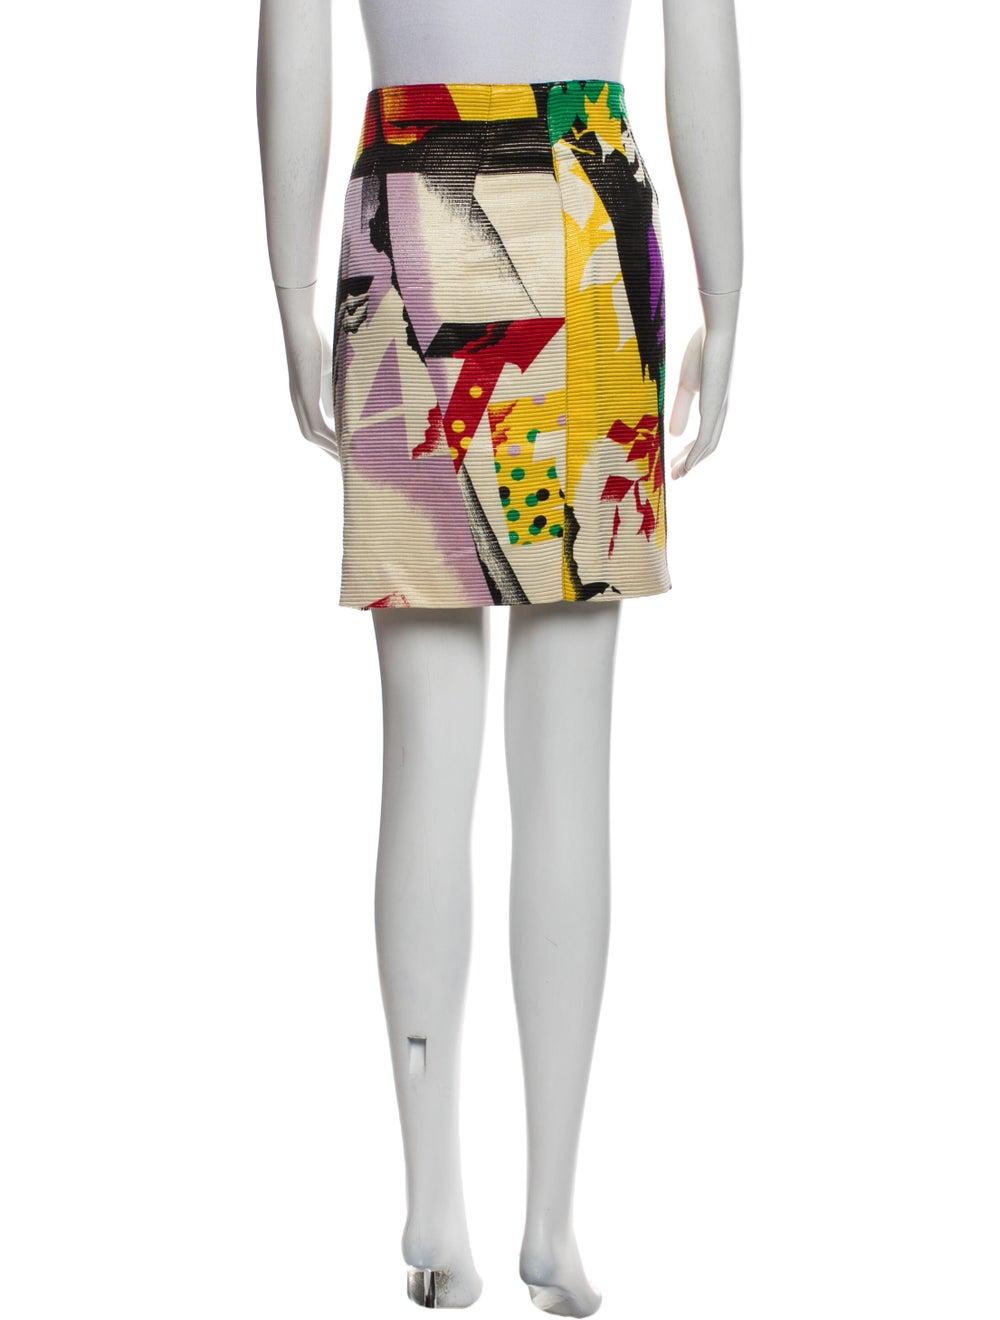 Gianni Versace Vintage Mini Skirt - image 3